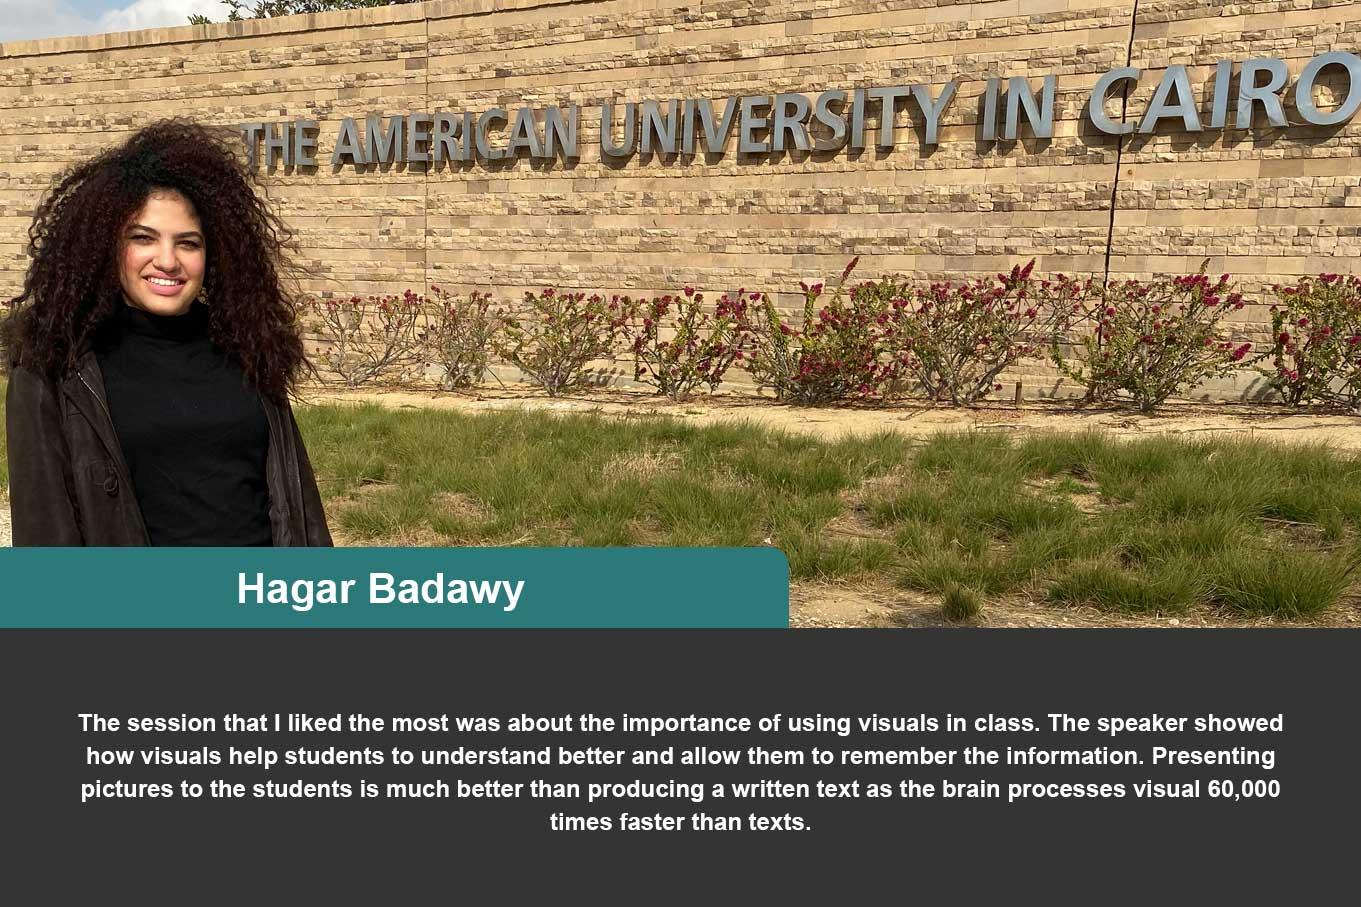 Hagar Badawy